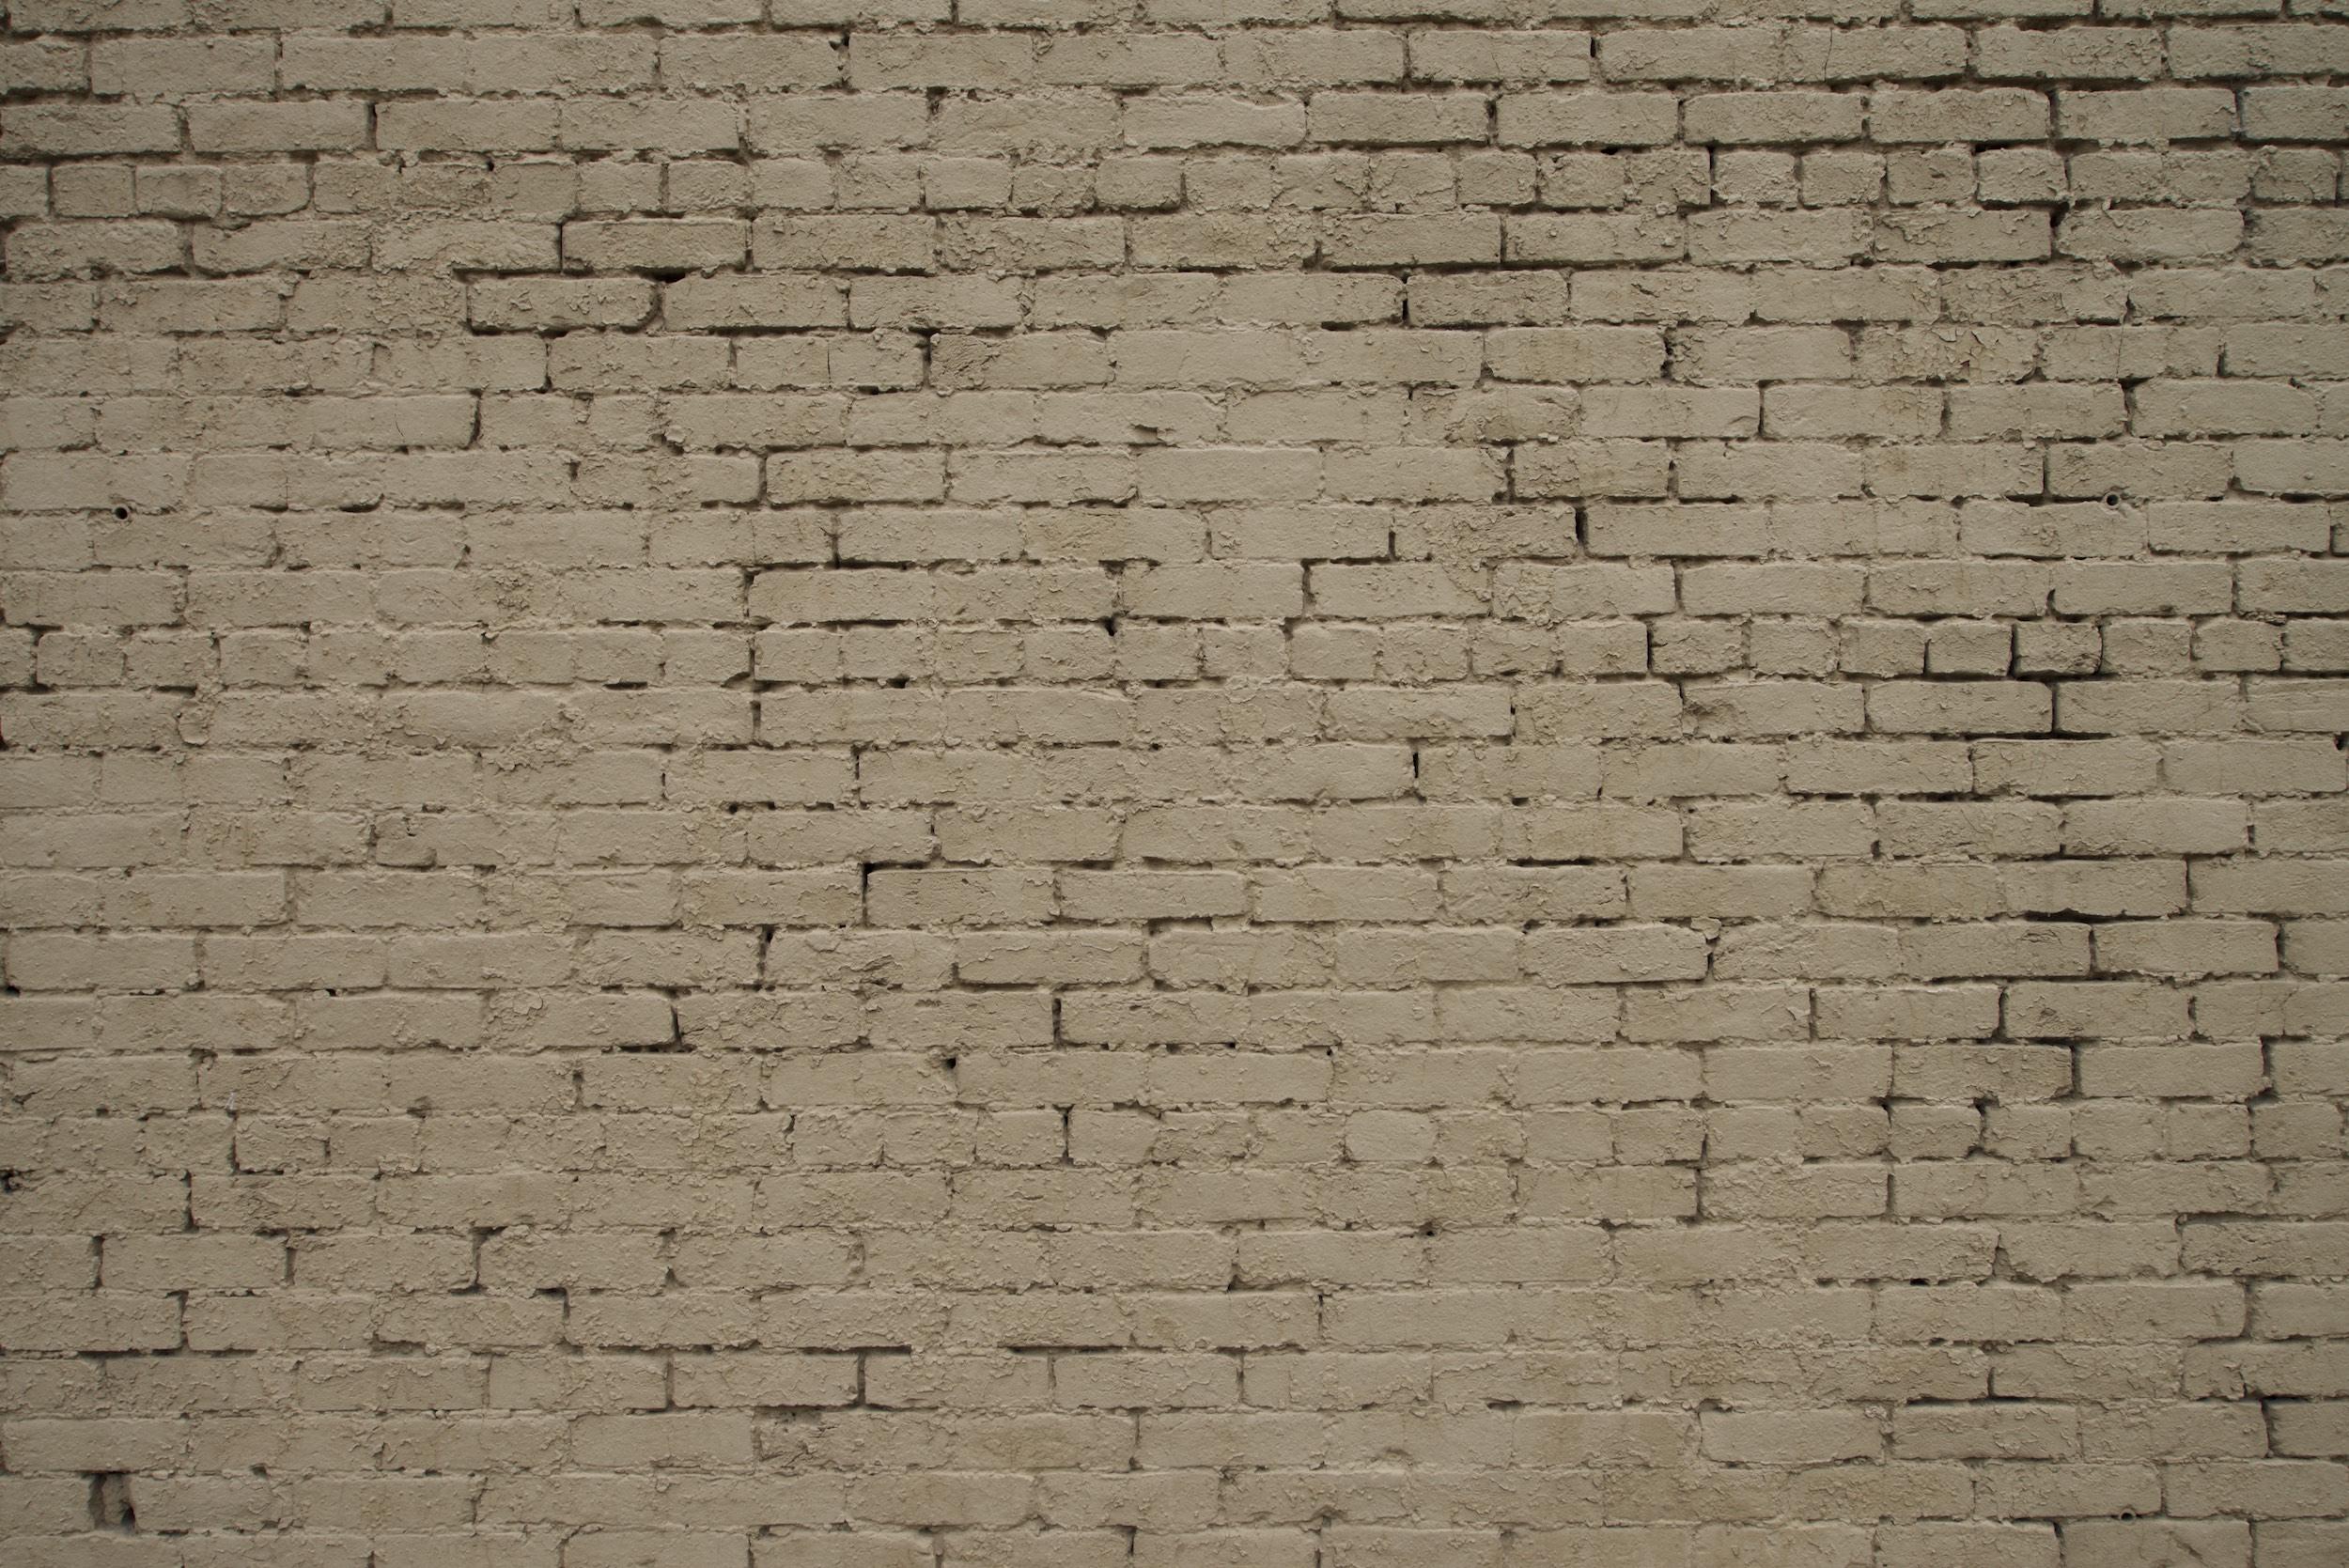 2014-0082-0013. Brick wall, Louisville, Kentucky.